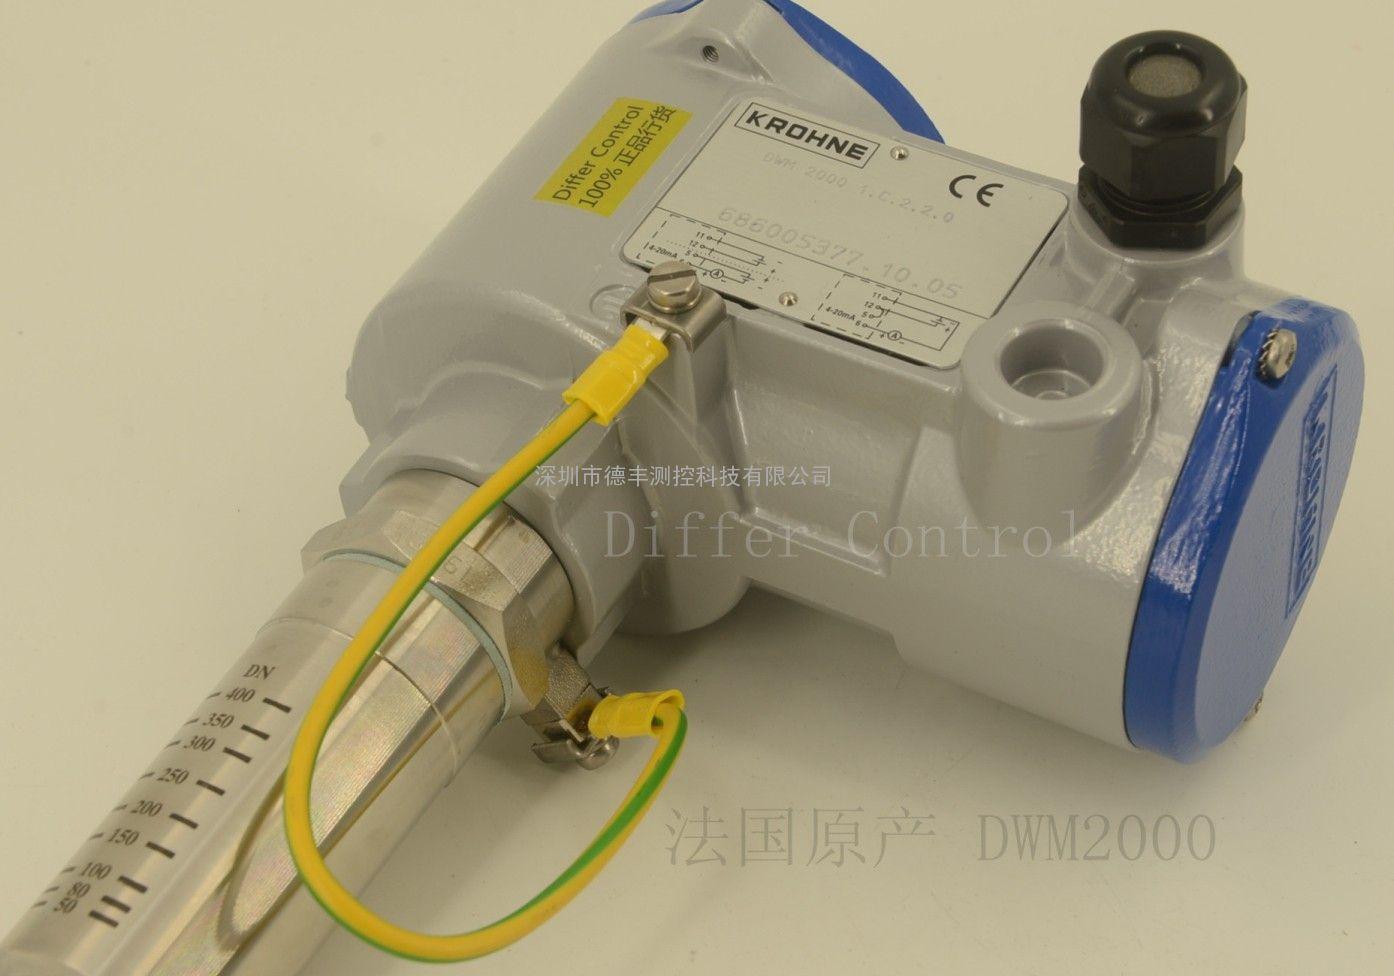 100%进口件 德国科隆DWM2000电磁流量计 深圳授权代理商